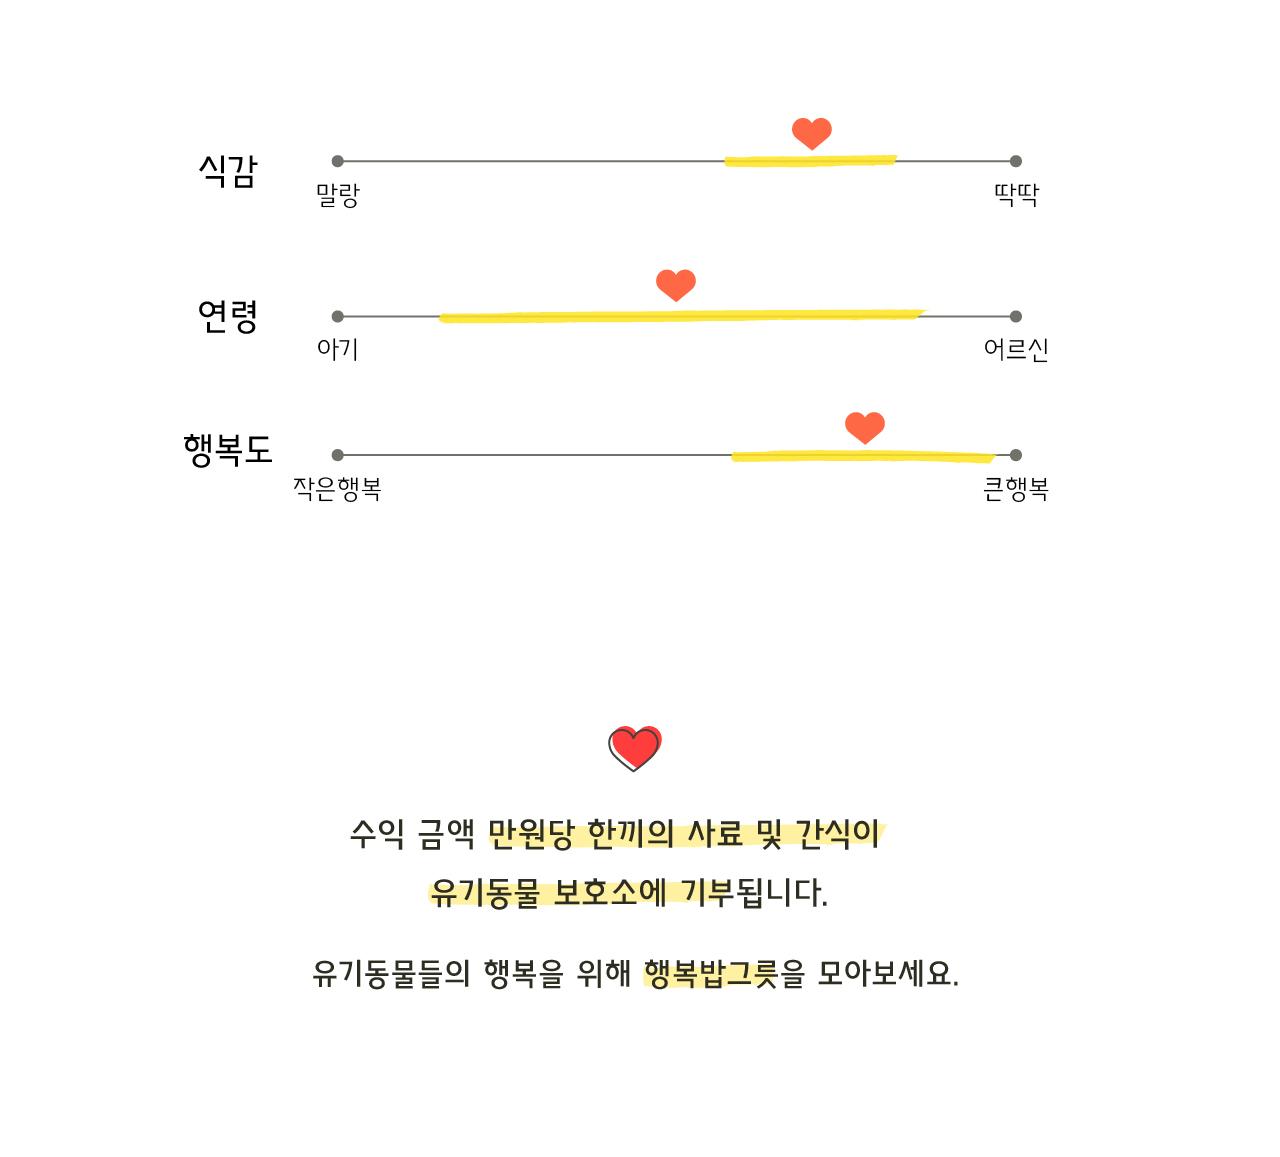 수제간식 오리목뼈껌 - 행복한 광이네, 4,000원, 간식/영양제, 수제간식